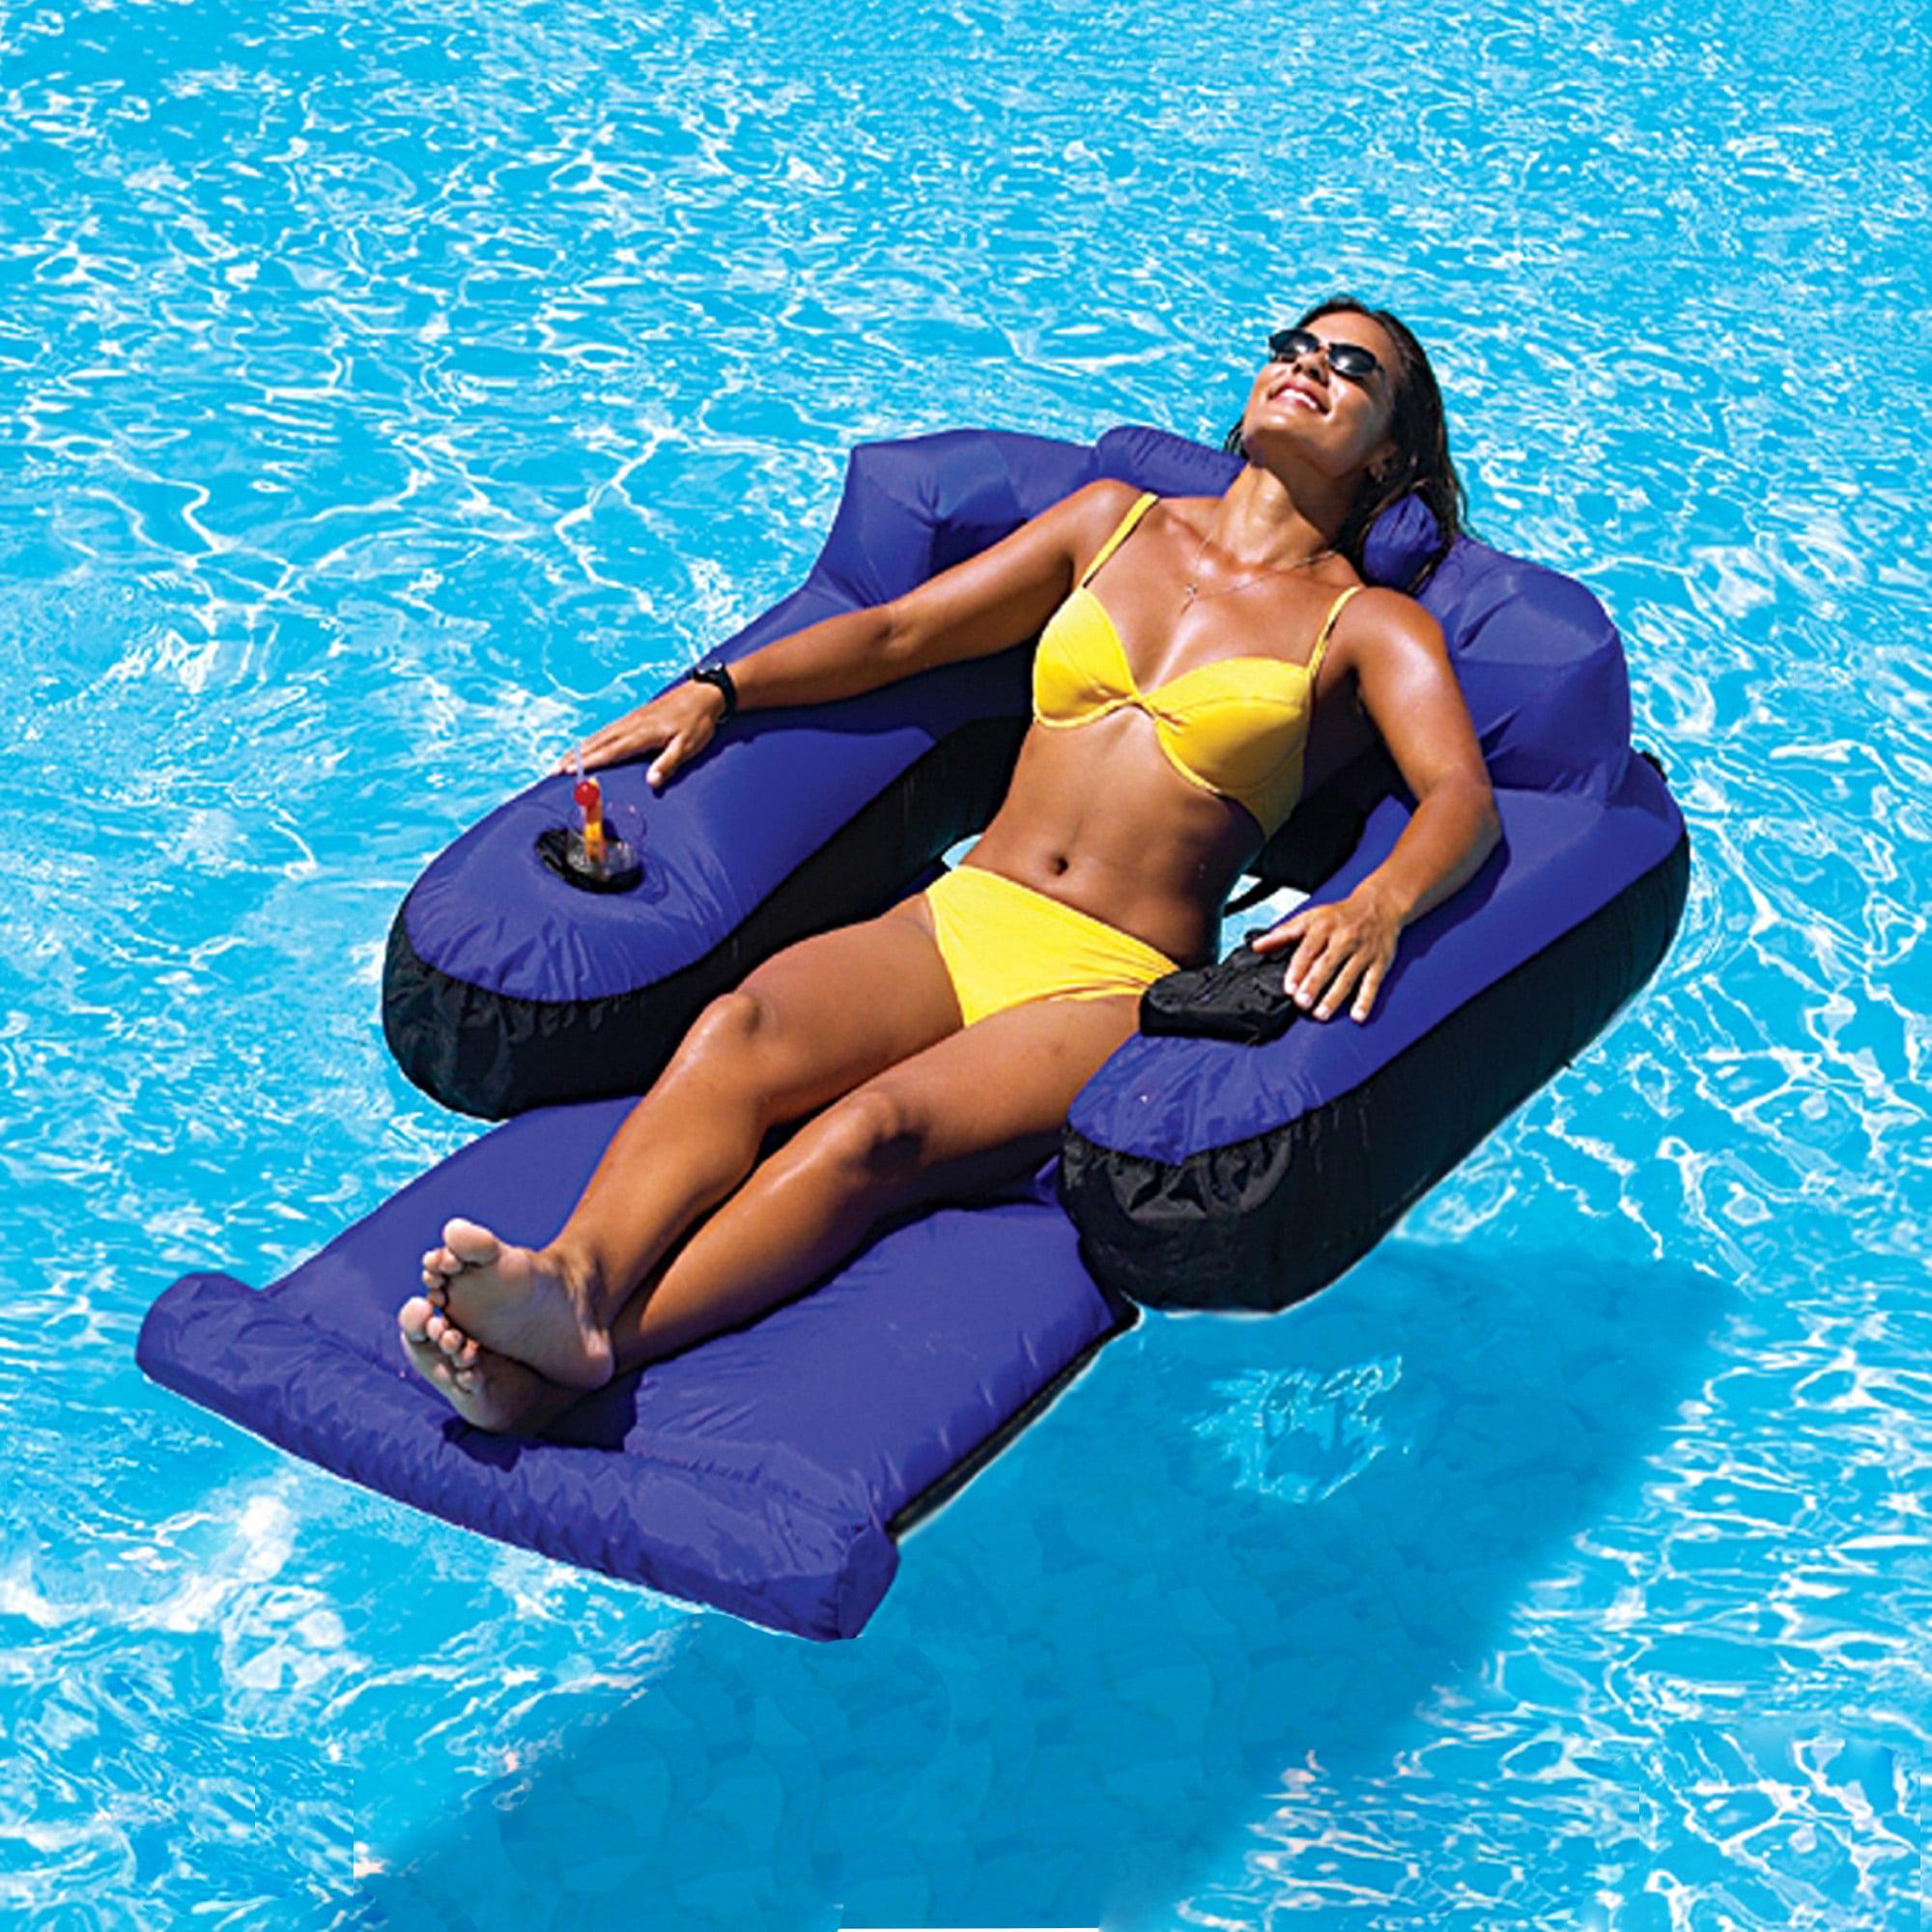 Walmart floating pool chair - Walmart Floating Pool Chair 20